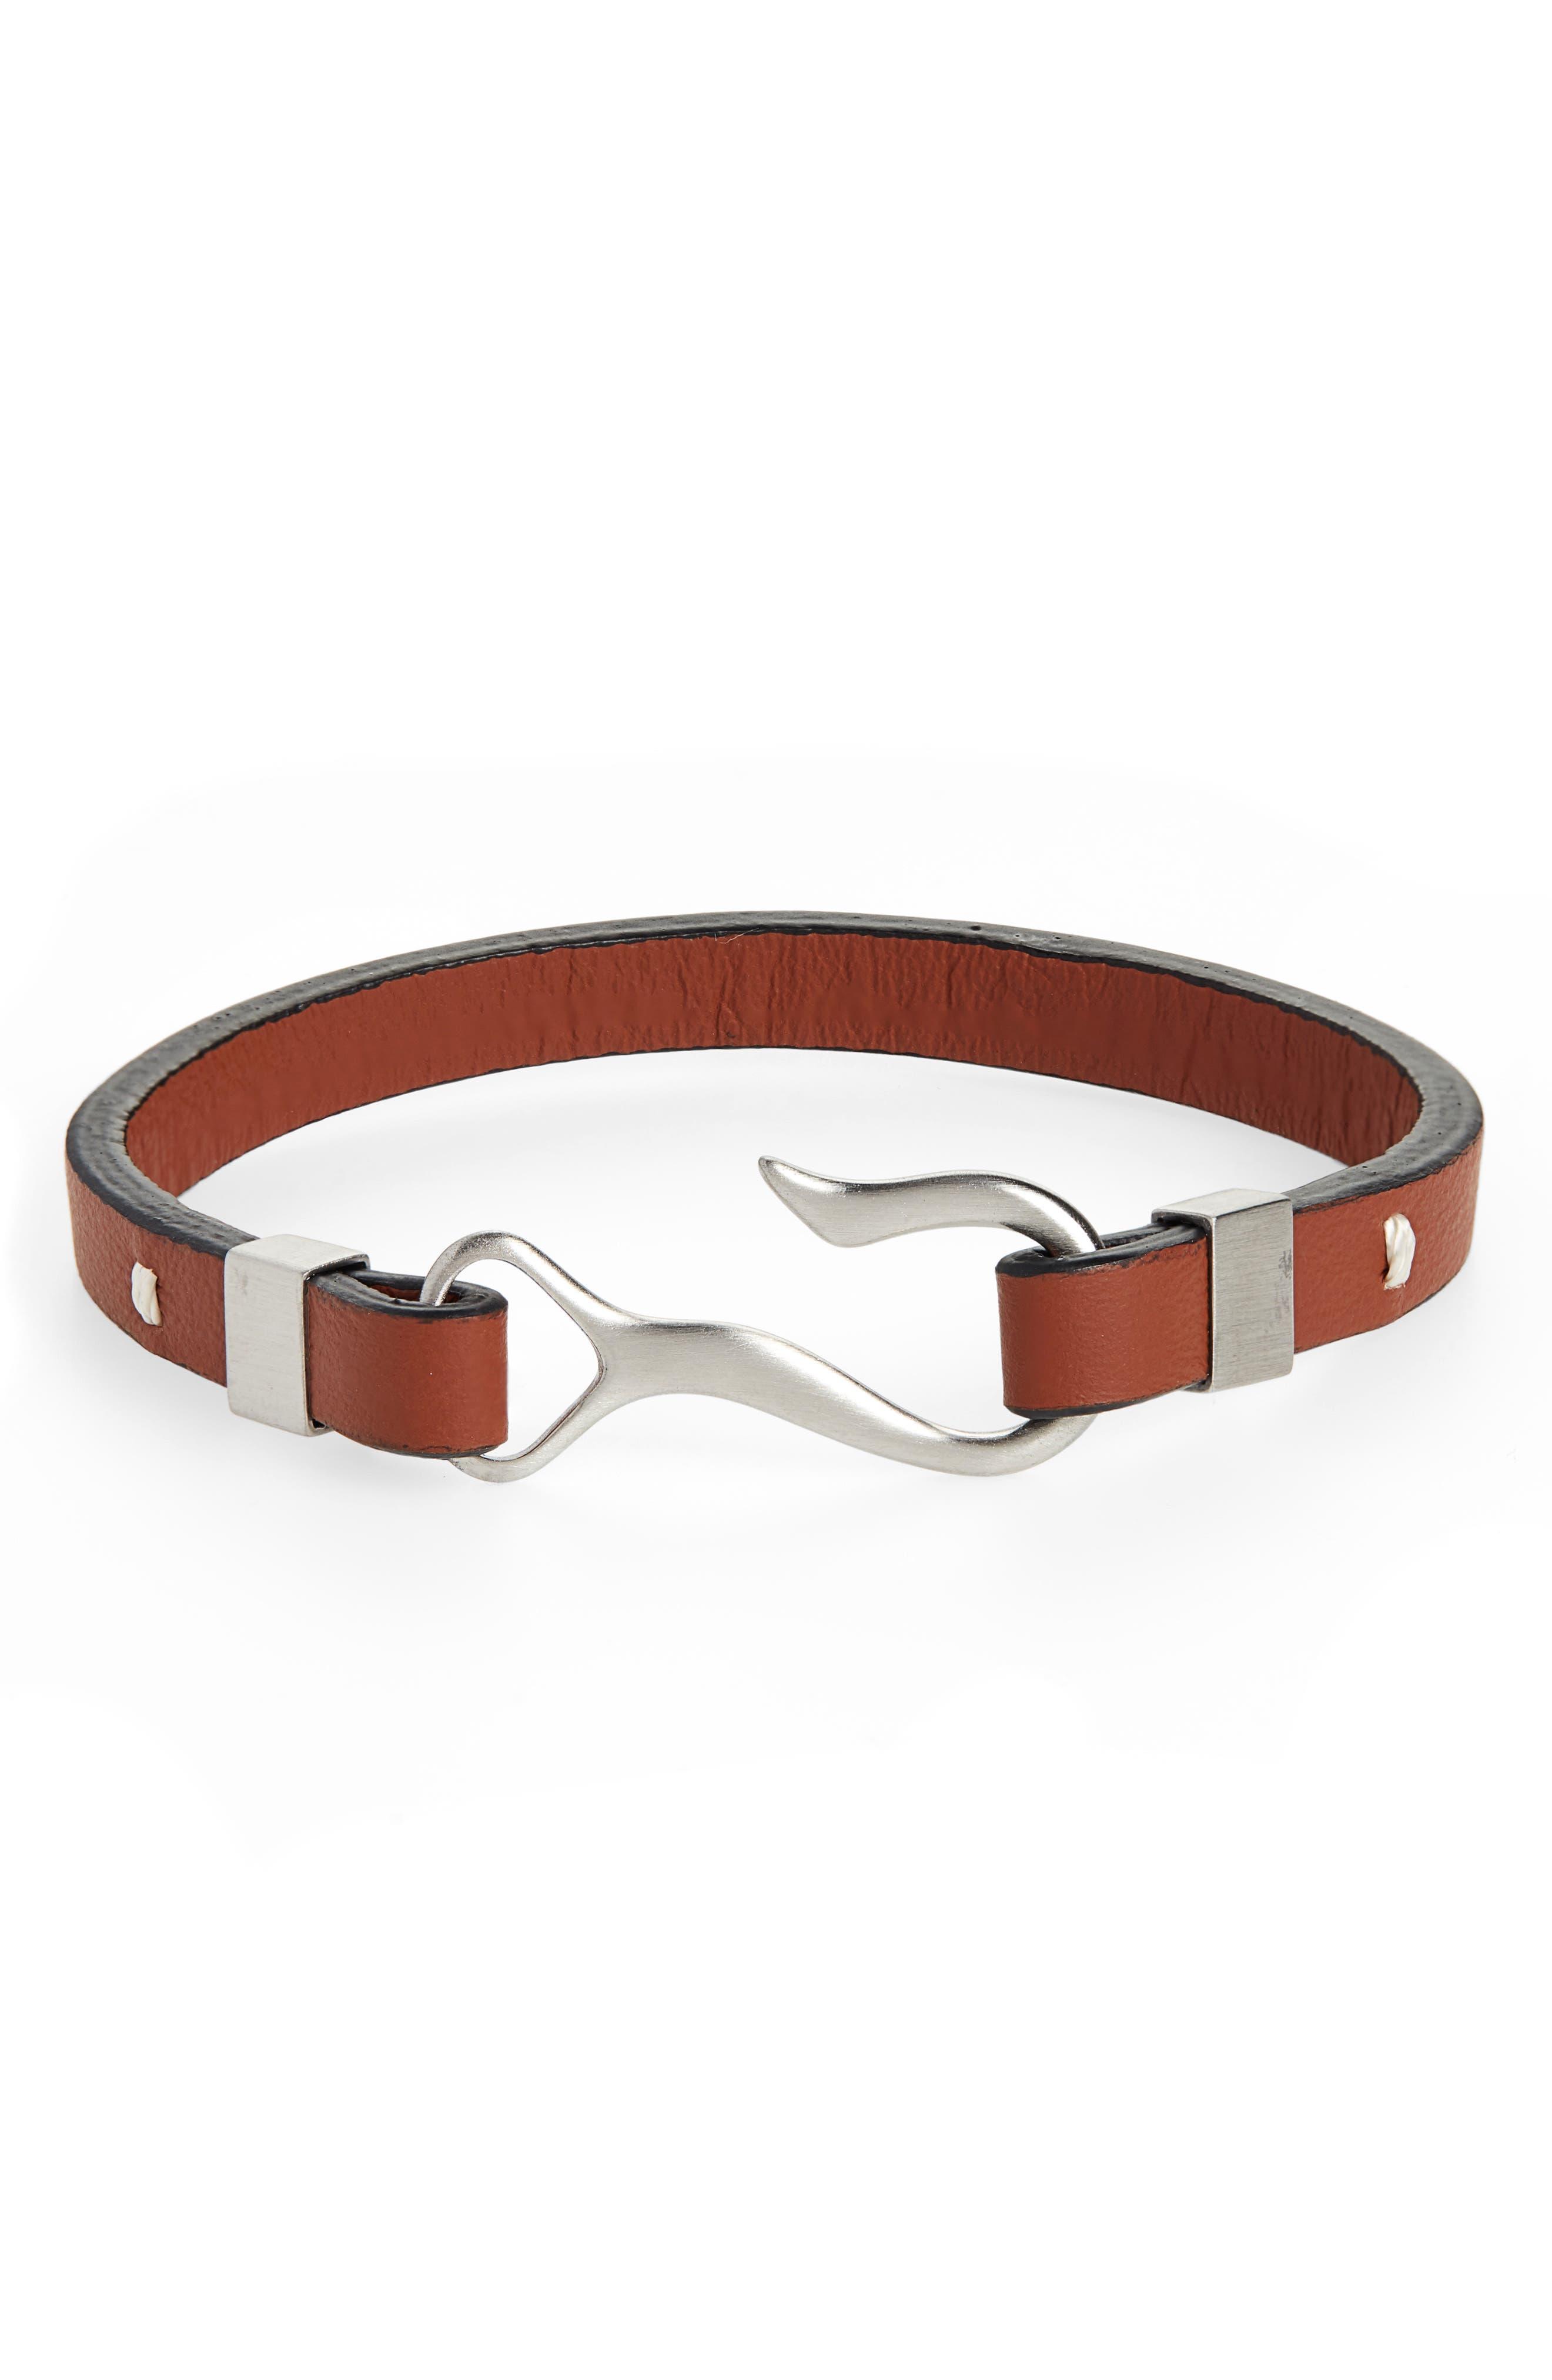 NORDSTROM MEN'S SHOP Leather Hook Bracelet, Main, color, BROWN